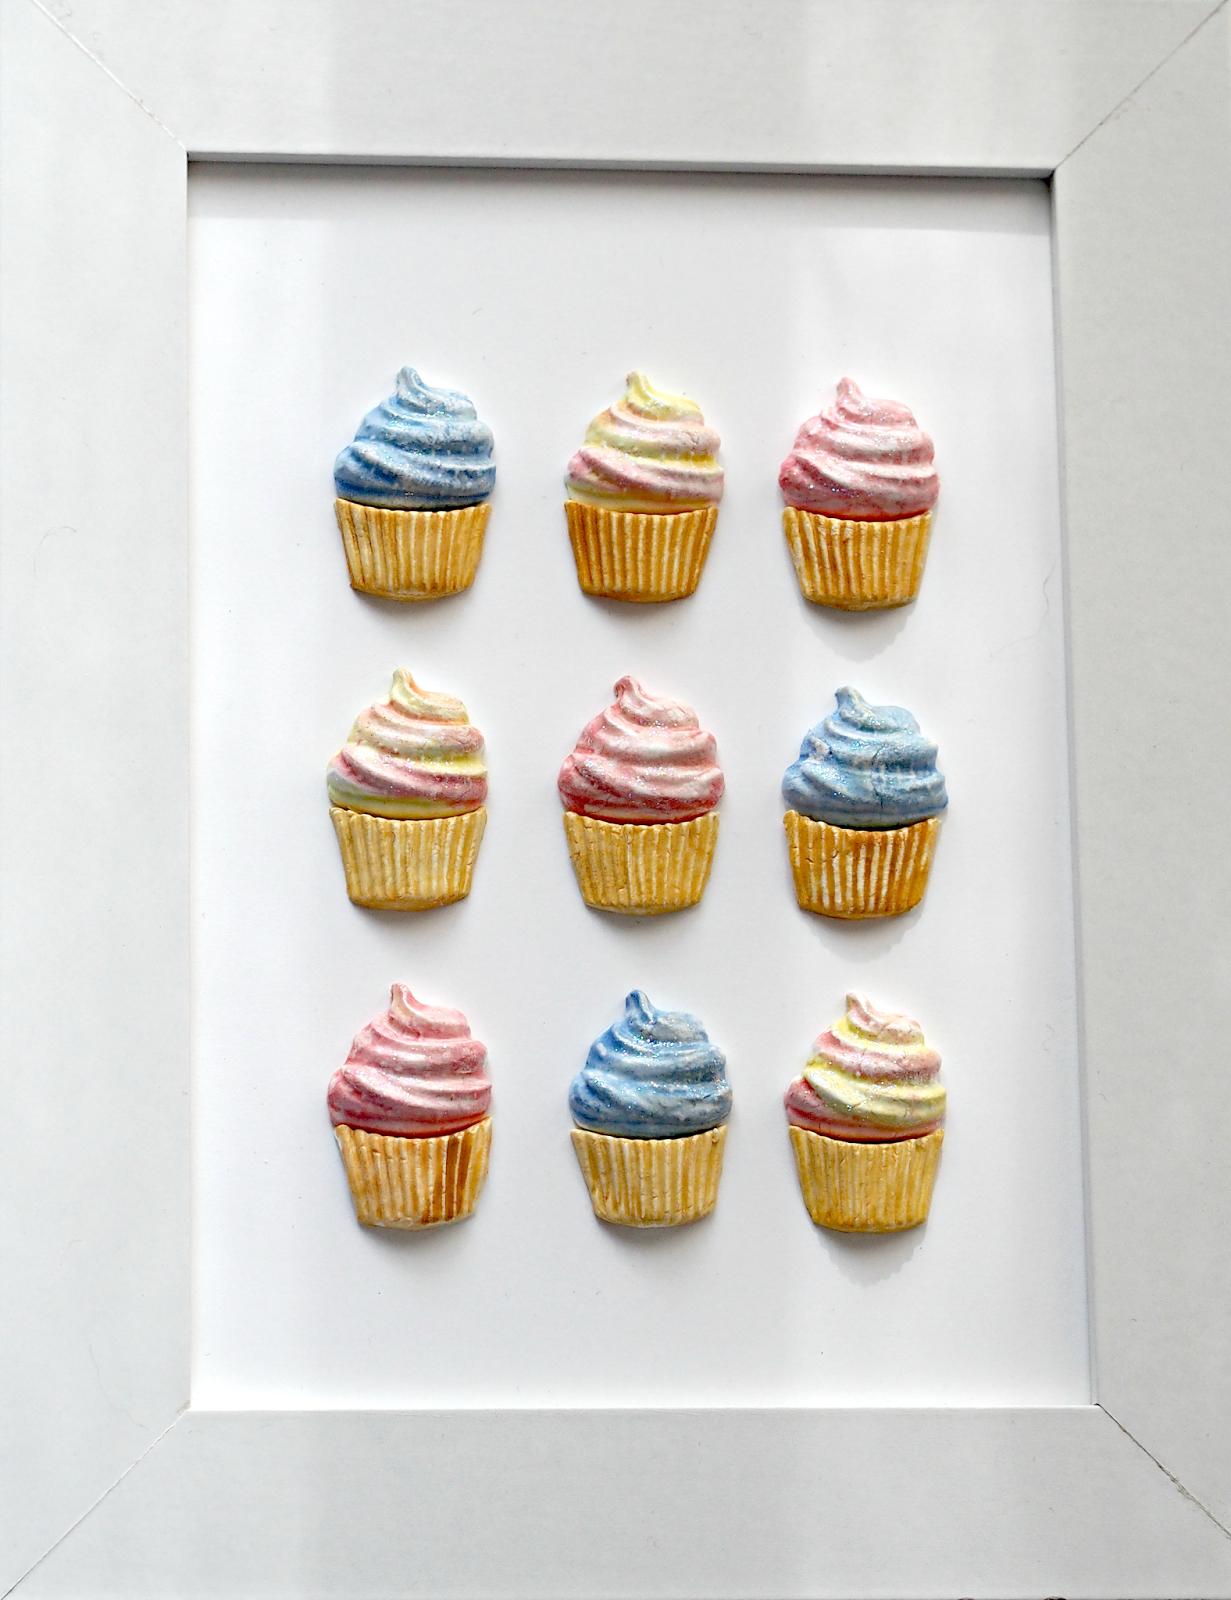 Rosarot&Blaugrün: Cupcakes im Bilderrahmen